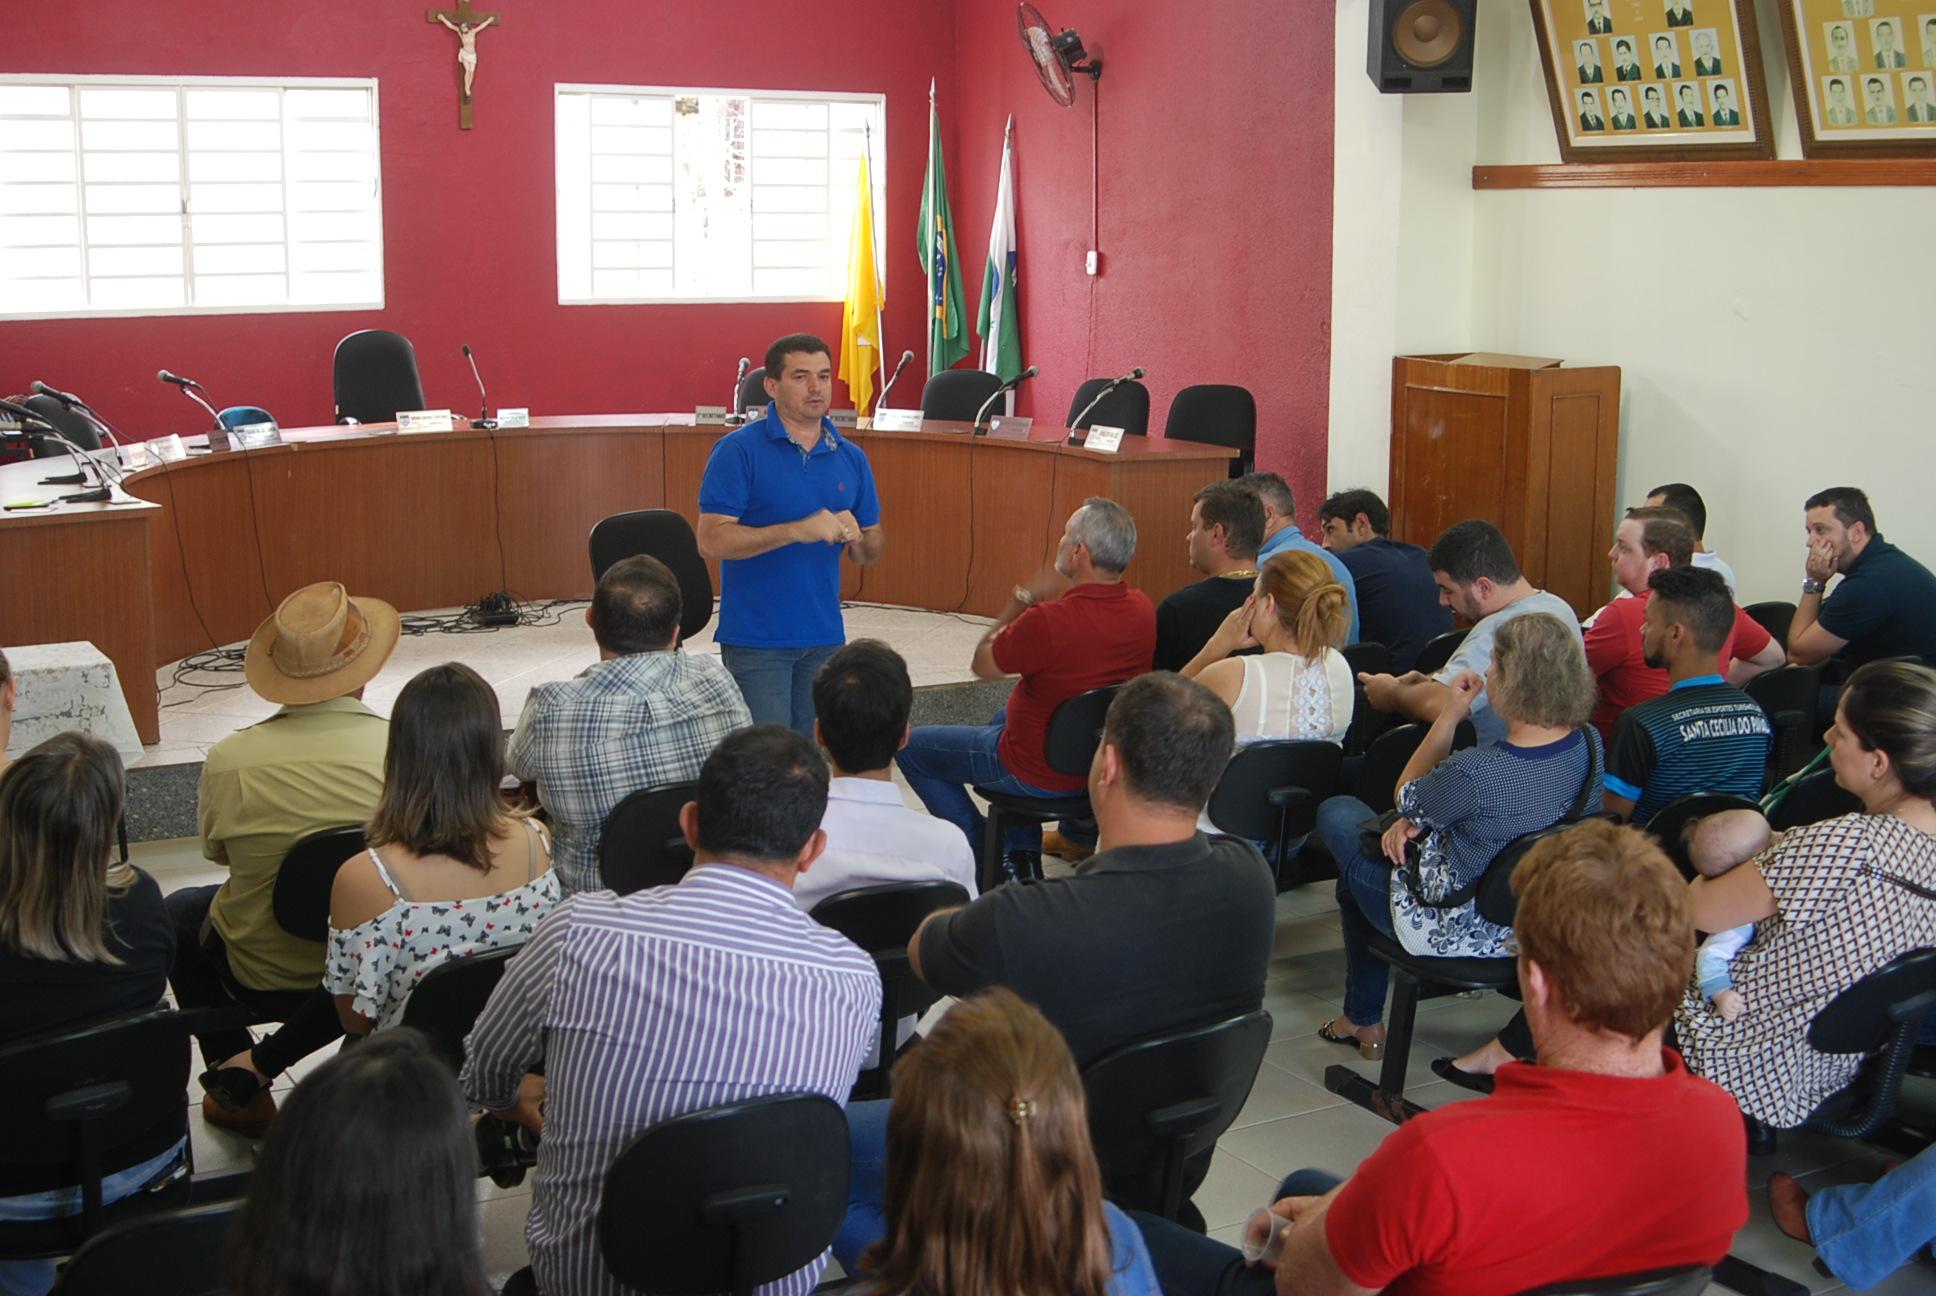 PREFEITURA, CÂMARA MUNICIPAL E LIDERANÇAS SE REÚNEM PARA ORGANIZAÇÃO DA AGROFEST 2017